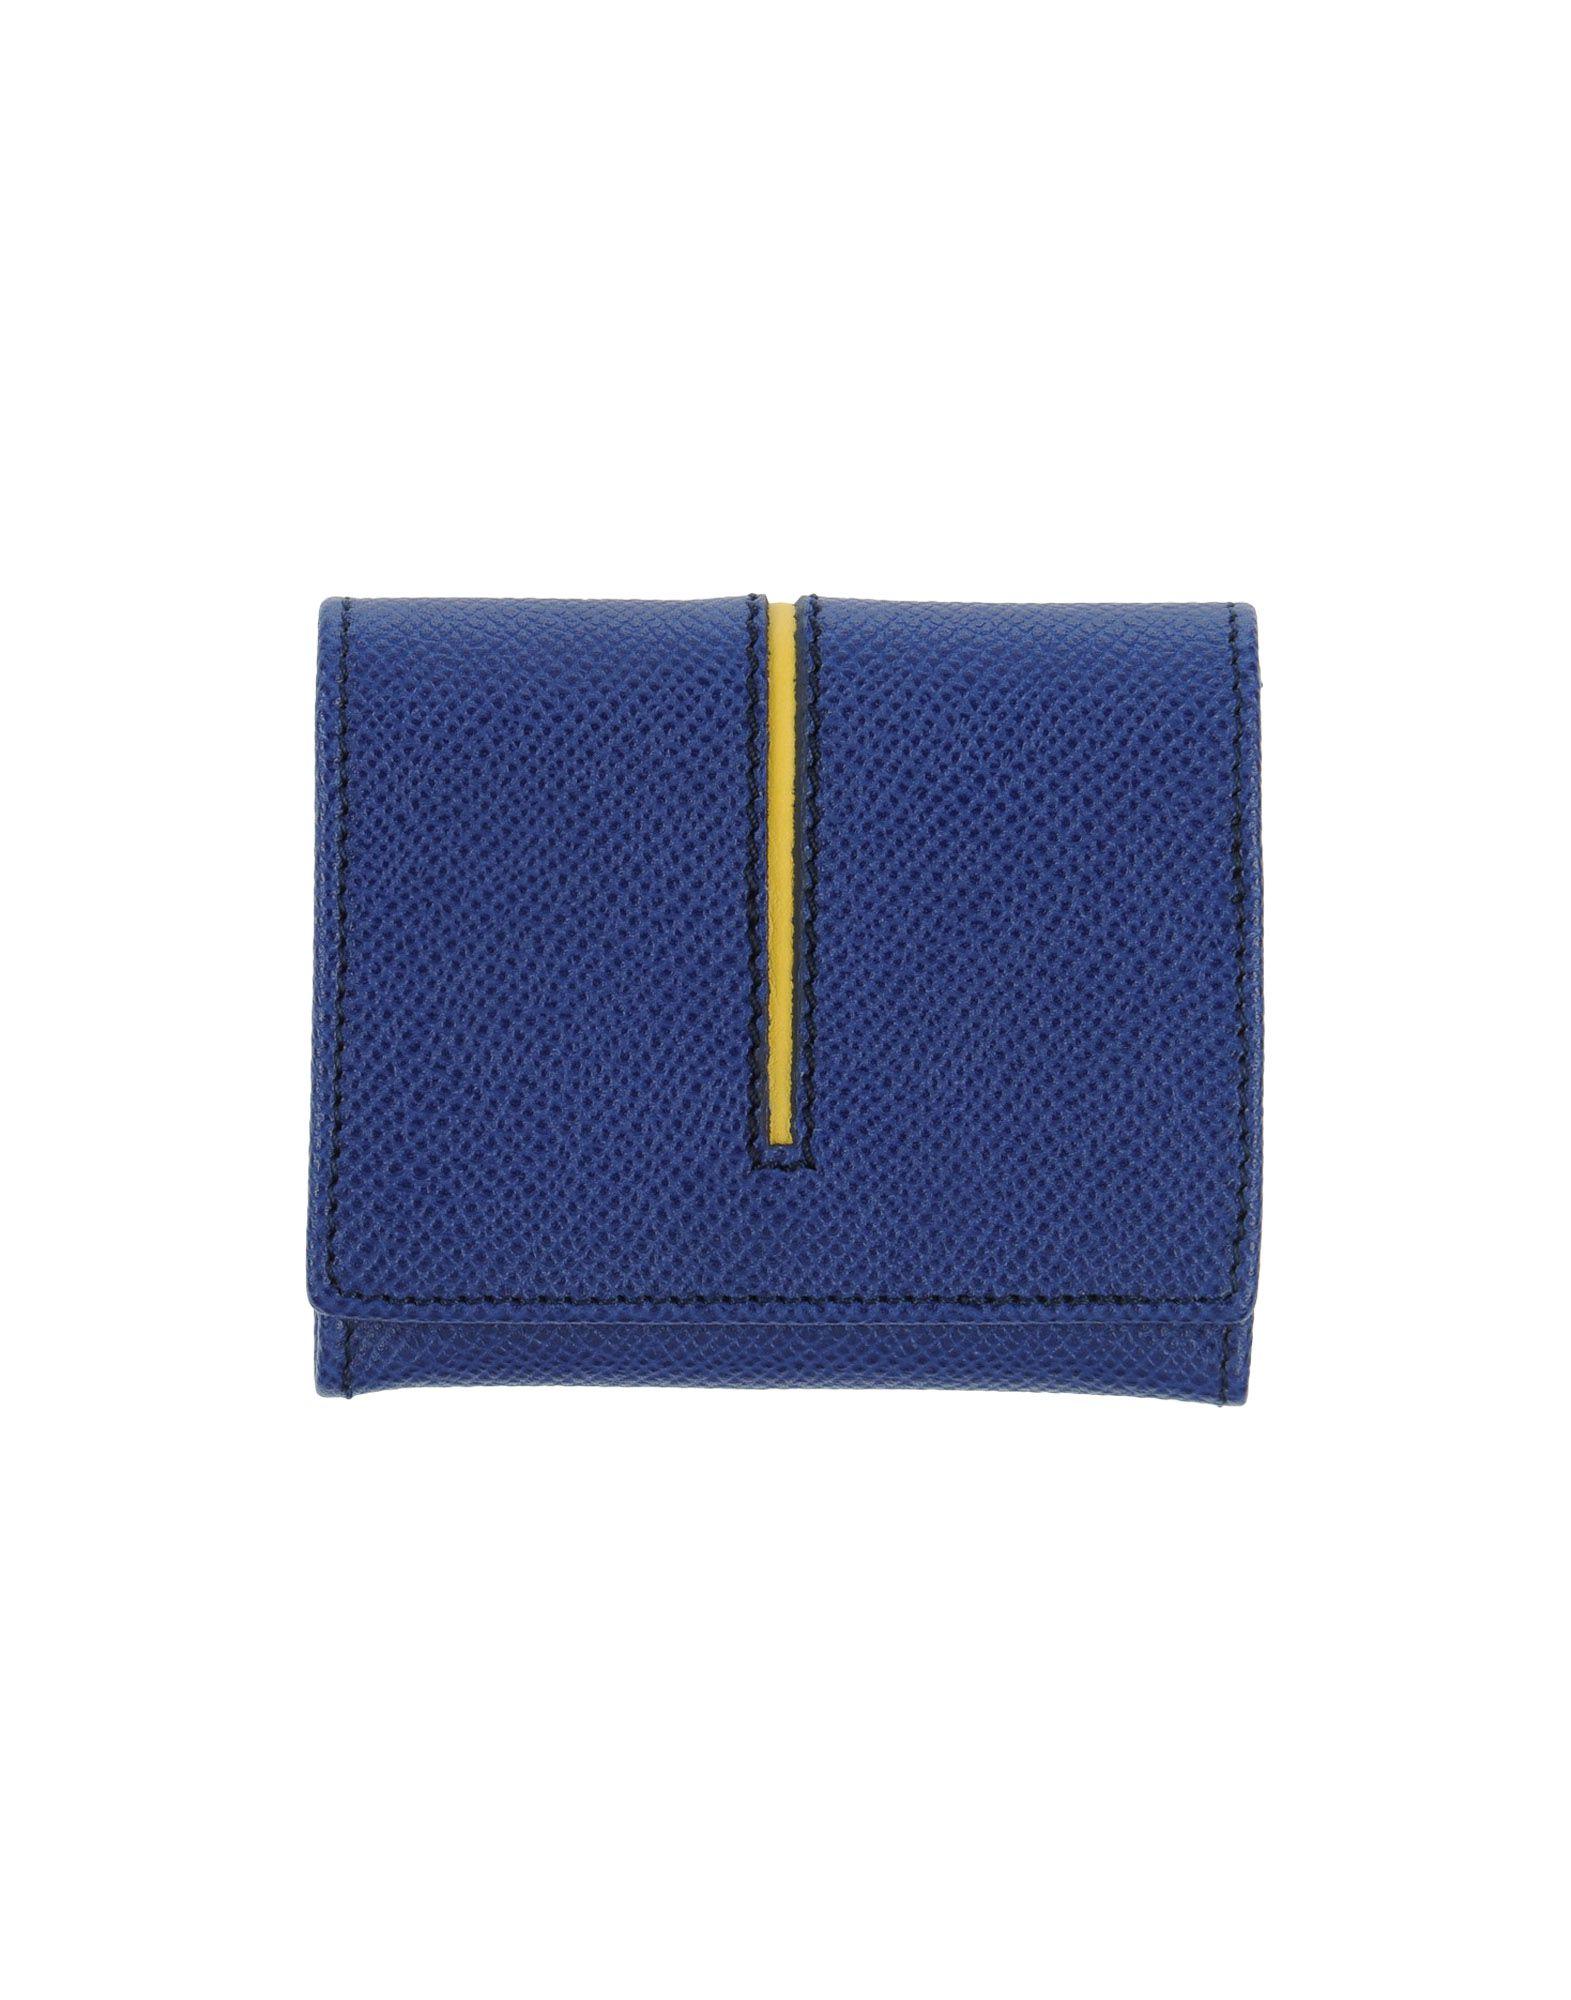 TOD´S Herren Portemonnaie Farbe Blau Größe 1